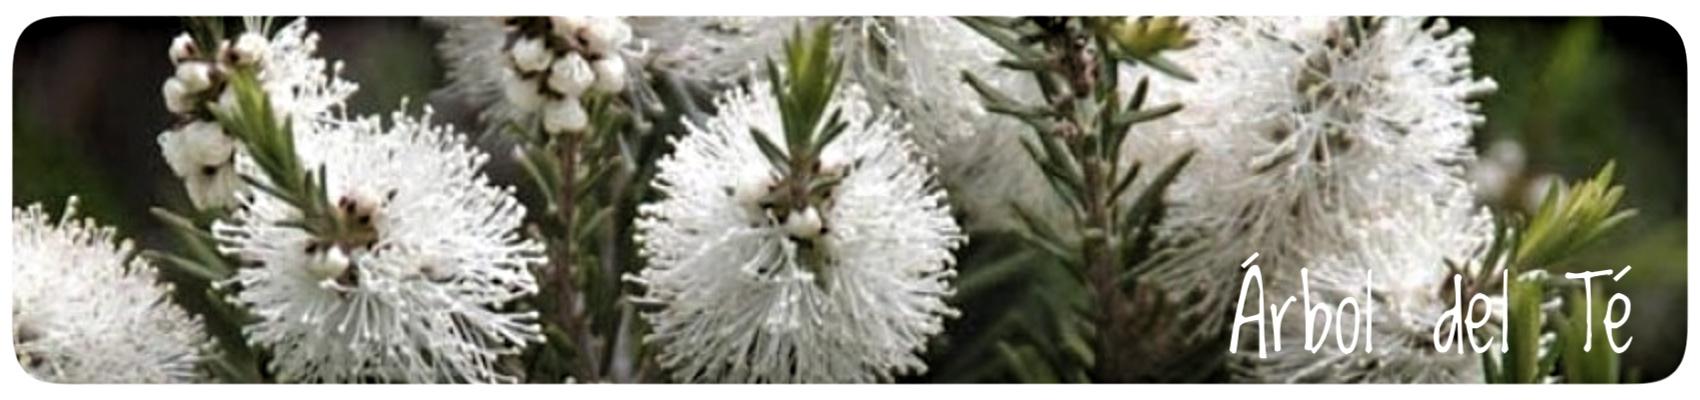 árbol del té,piojos,hongos,acné,insectos,herpes,liendres,herbolario online, cosmética natural, tratamientos naturales, productos naturales